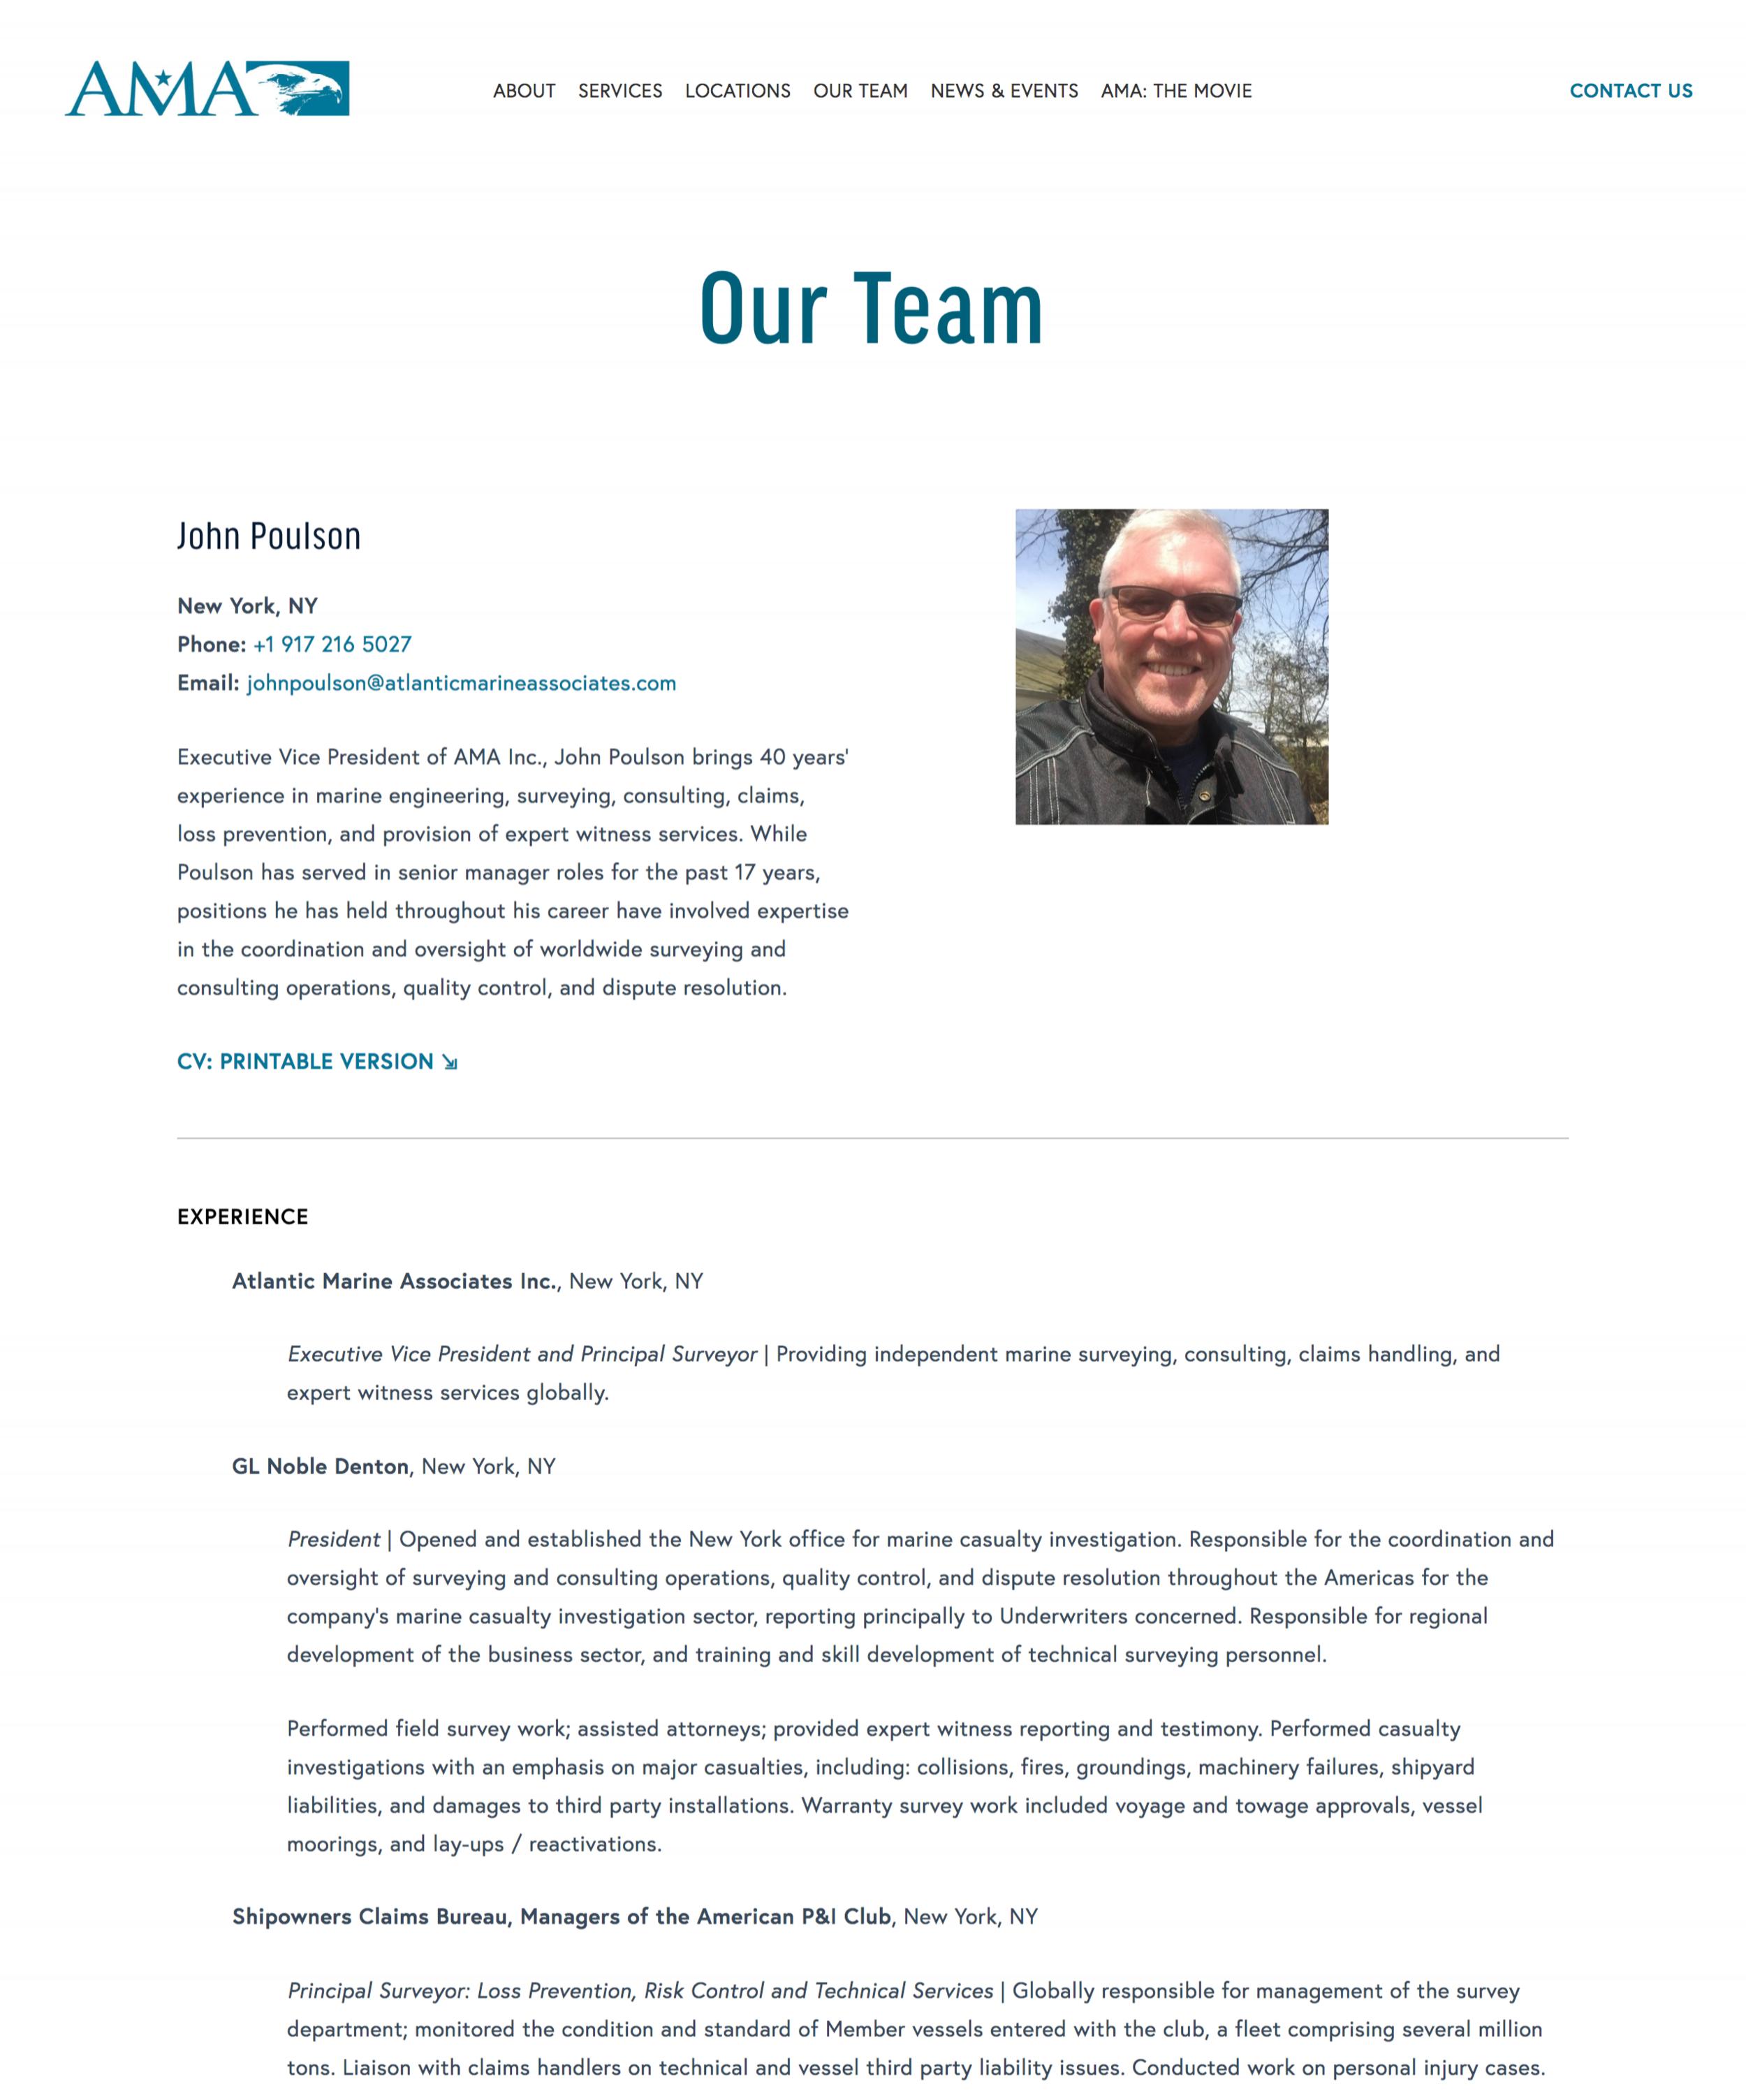 Copyediting — AMA CVs: Web Version